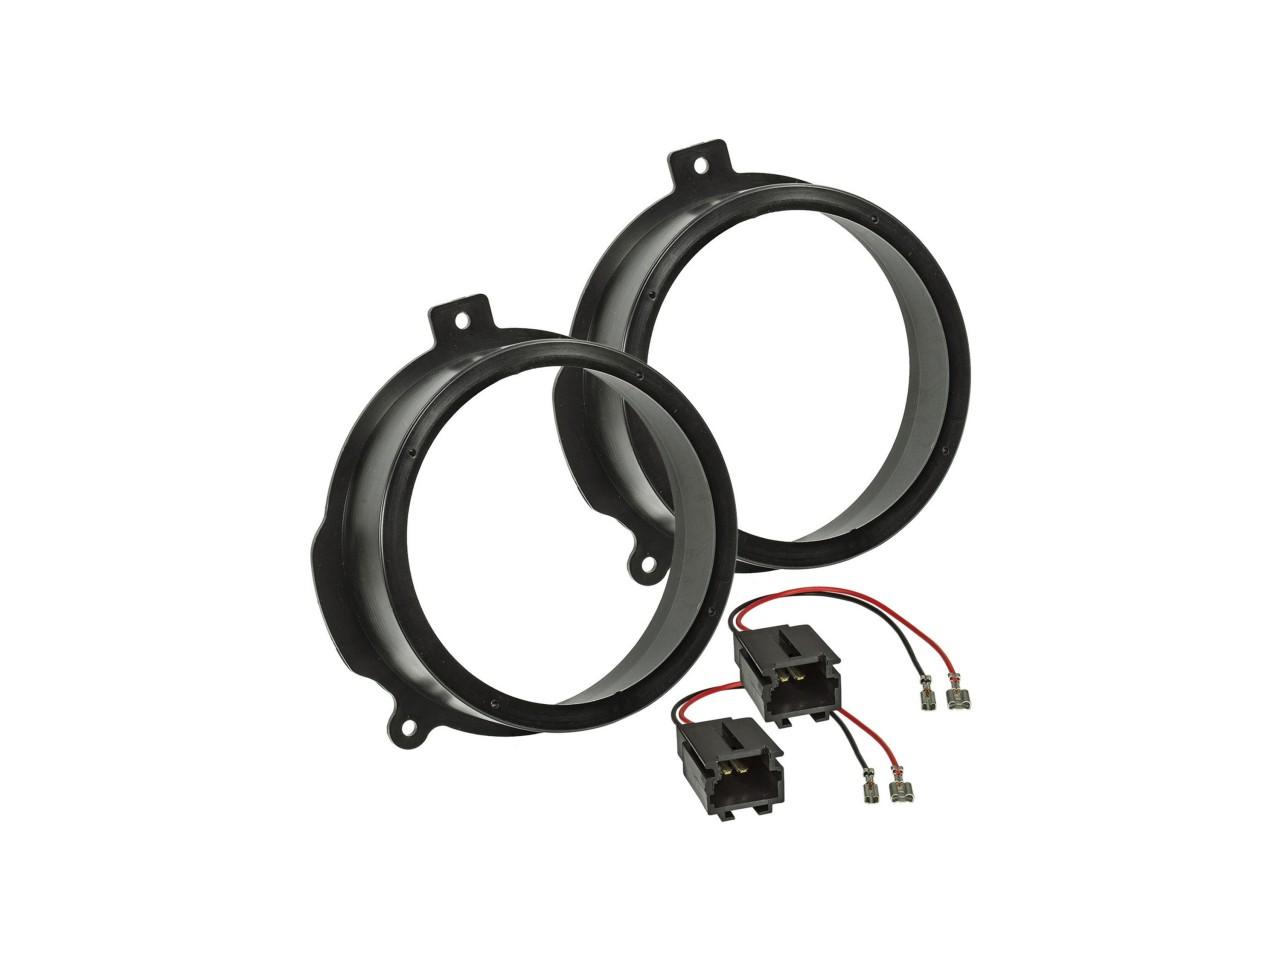 Lautsprecherringe-Set - Adapter-Kabel für Citroen Berlingo u.a. | 165mm